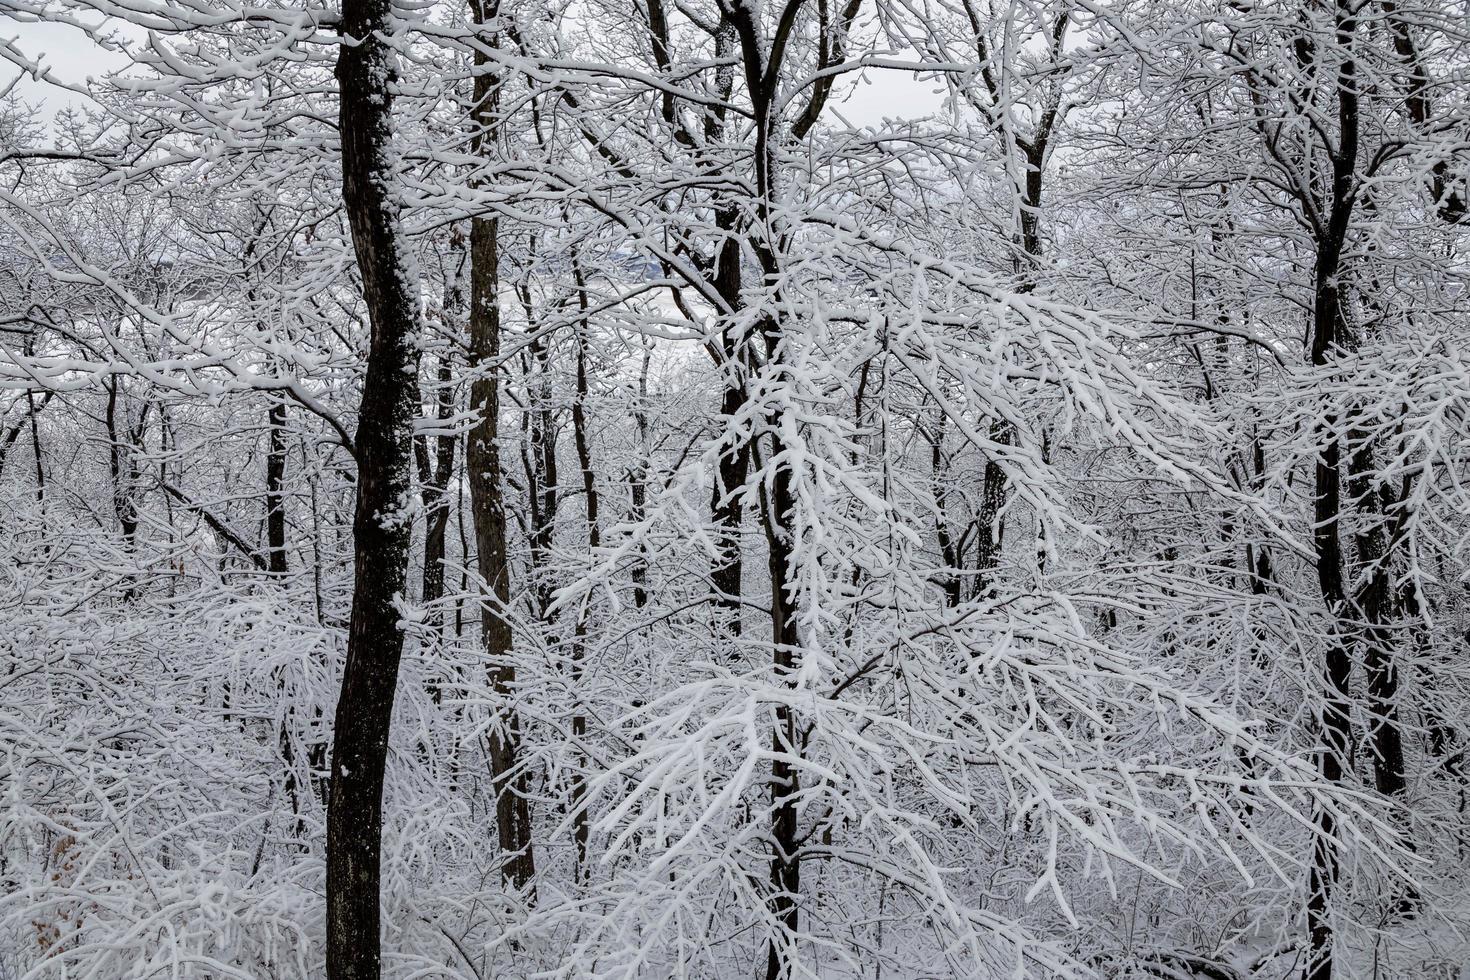 arbres couverts de neige et de glace photo